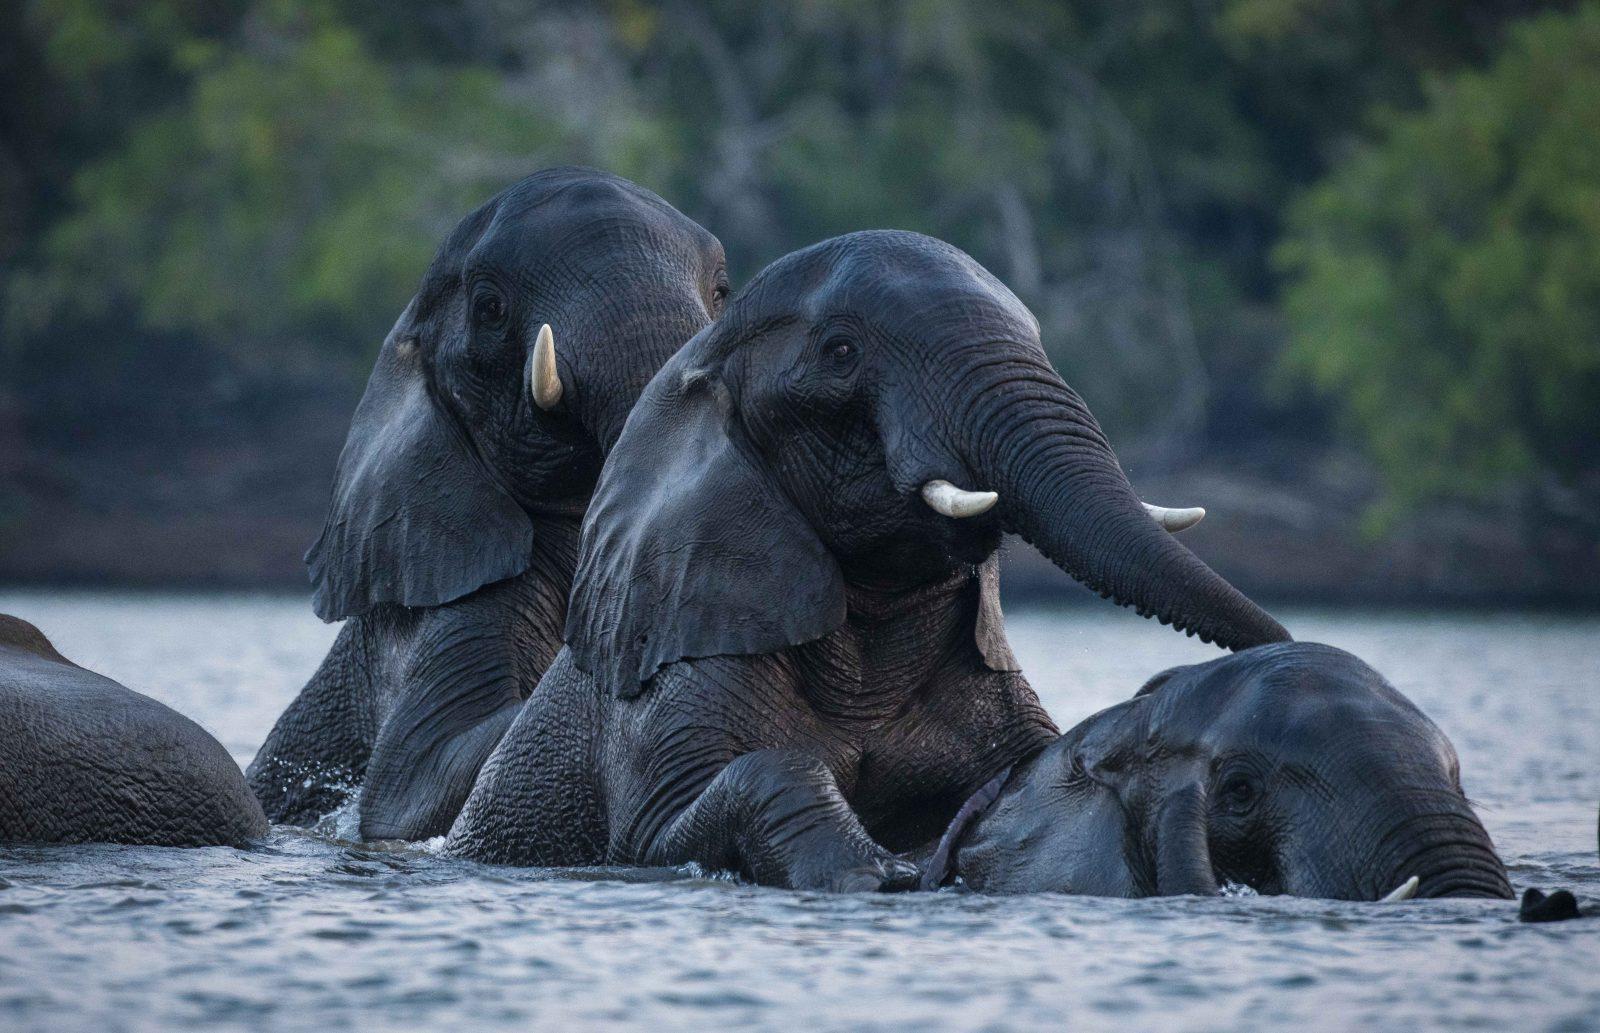 Wildlife Photography Tommy Varley